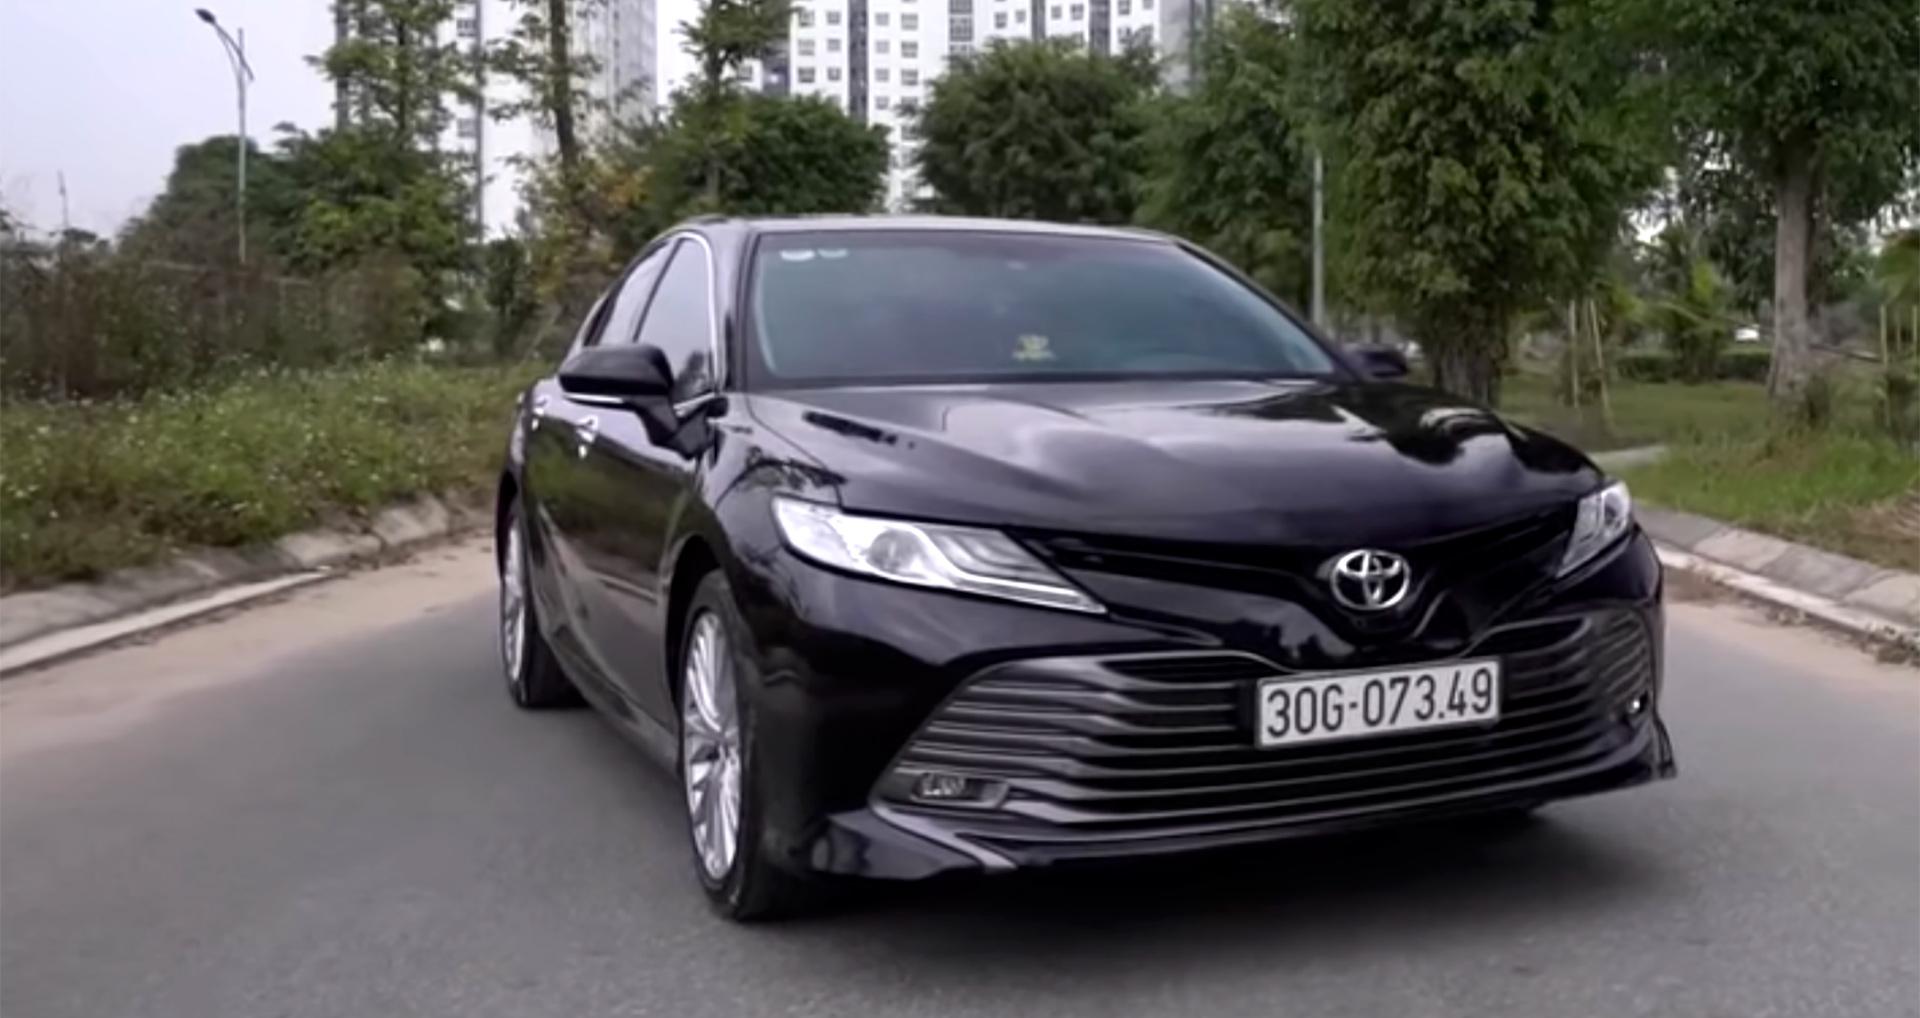 Đánh giá xe Toyota Camry 2020 2.5Q nhập Thái giá hơn 1,2 tỷ đồng